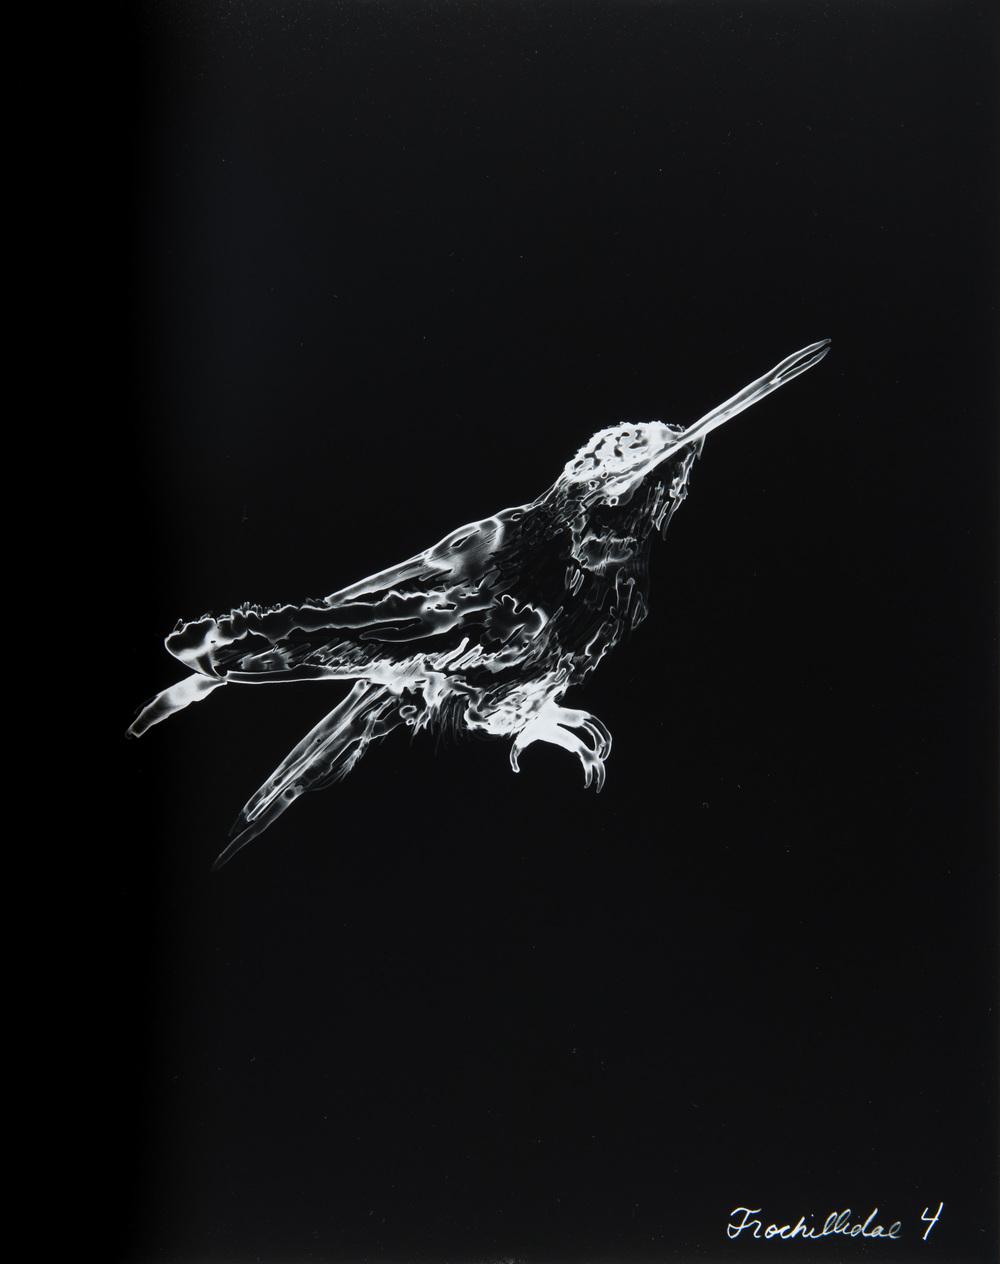 Trochillidae 4  2013 Cliché-verre print, 14 x 11 inches